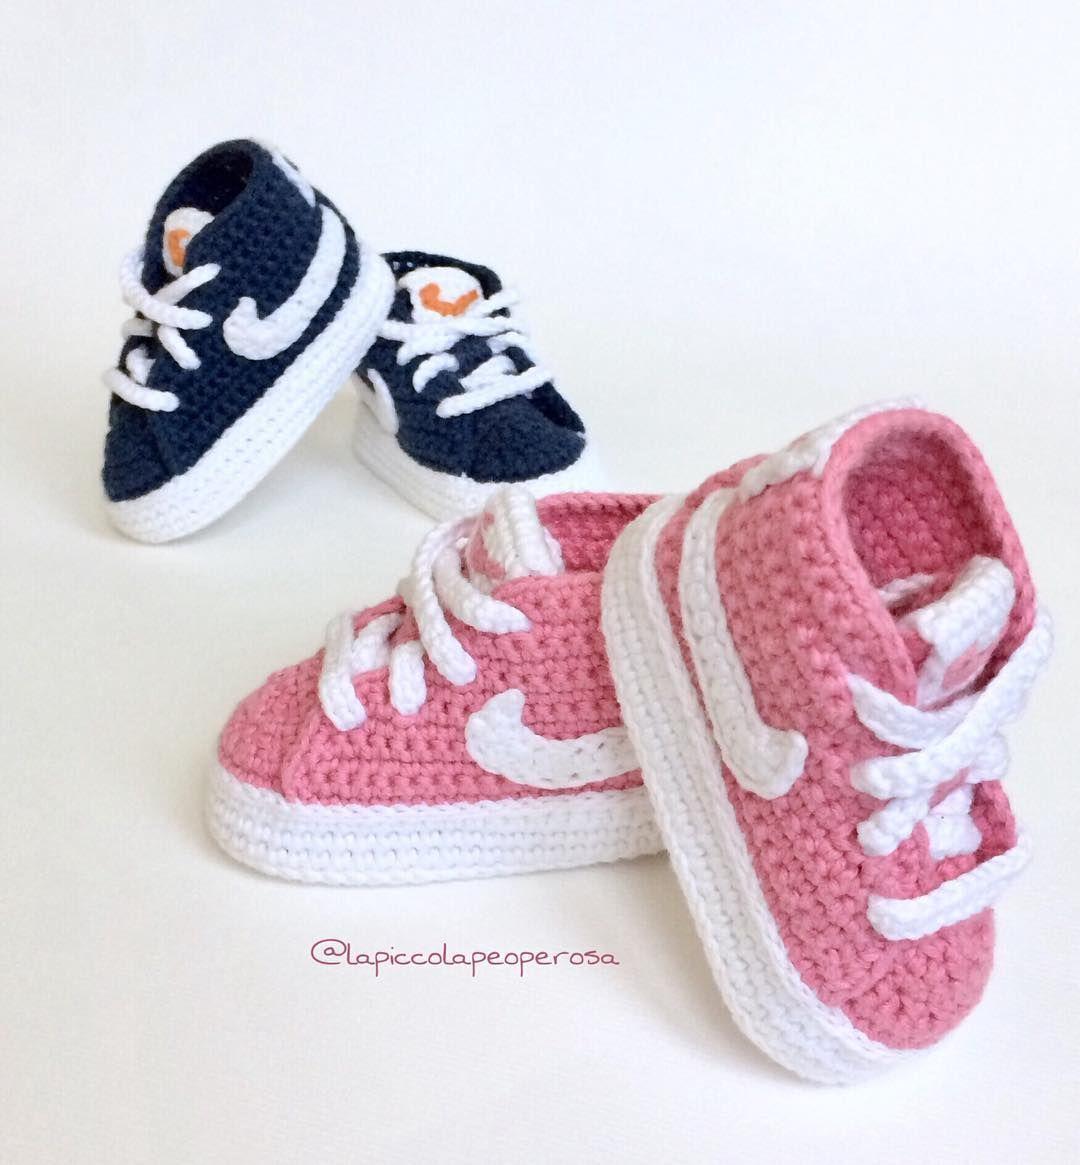 Babyschuhe Youtube Adidas Youtube Youtube Haekeln Babyschuhe Haekeln Babyschuhe Haekeln Youtube Babyschuhe Adidas Adidas Haekeln 8O0wkPnX